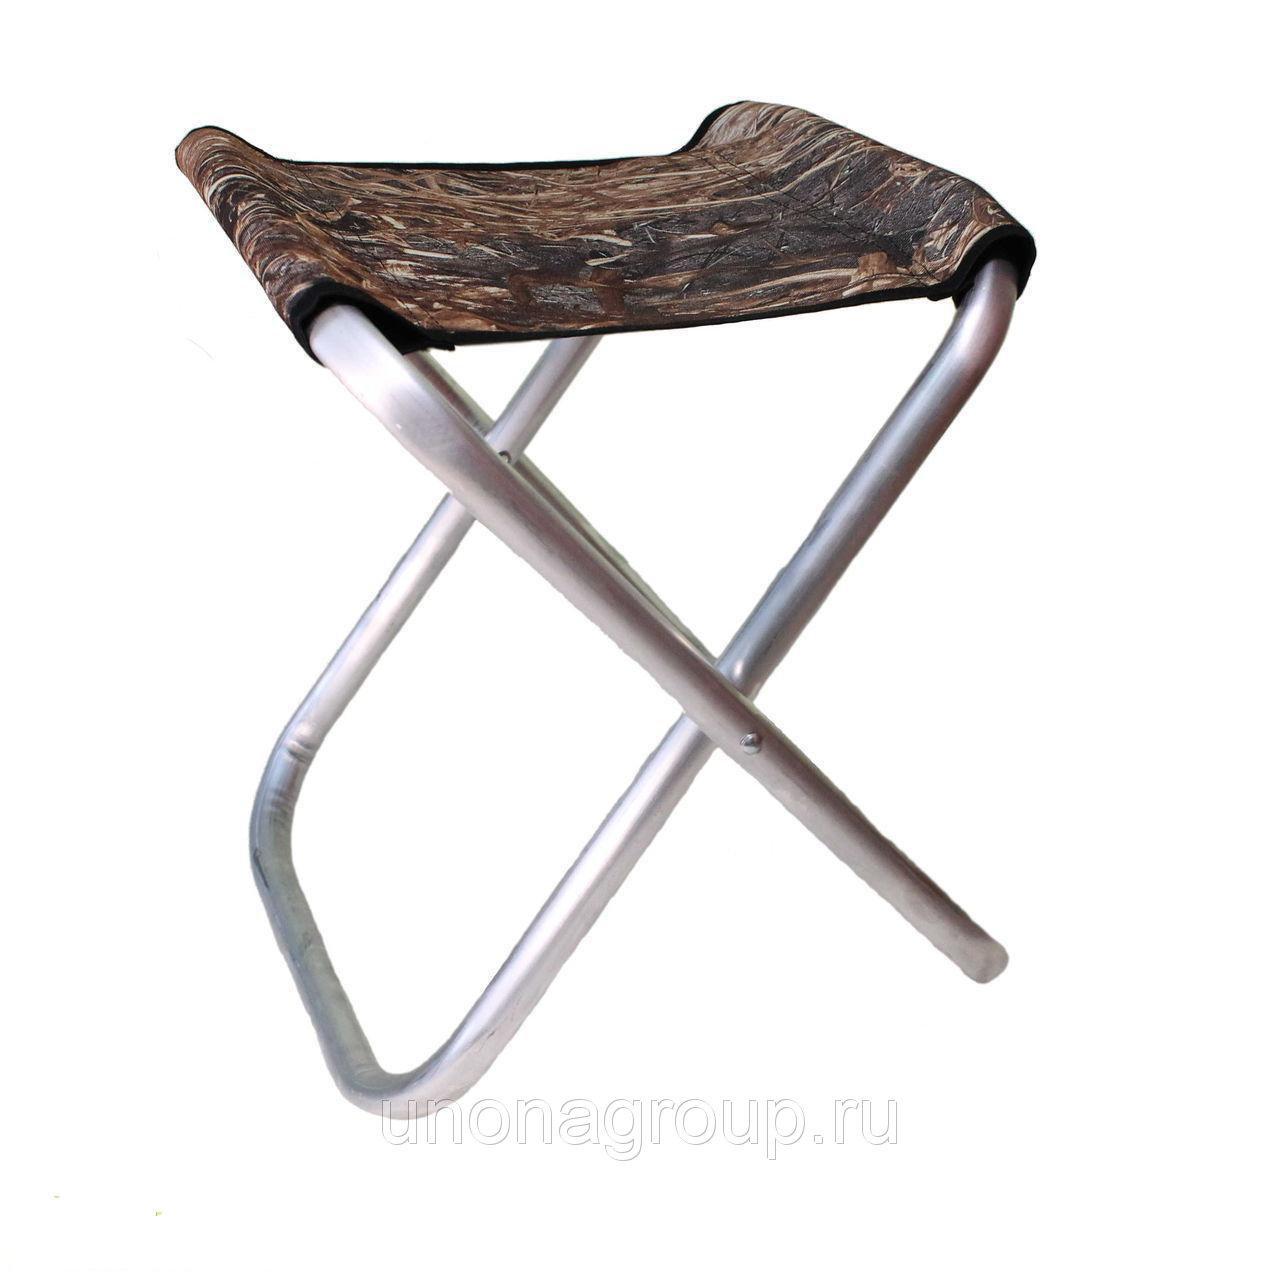 Складной алюминиевый рыбацкий стул без спинки 30x30x50 см маленький камуфляж